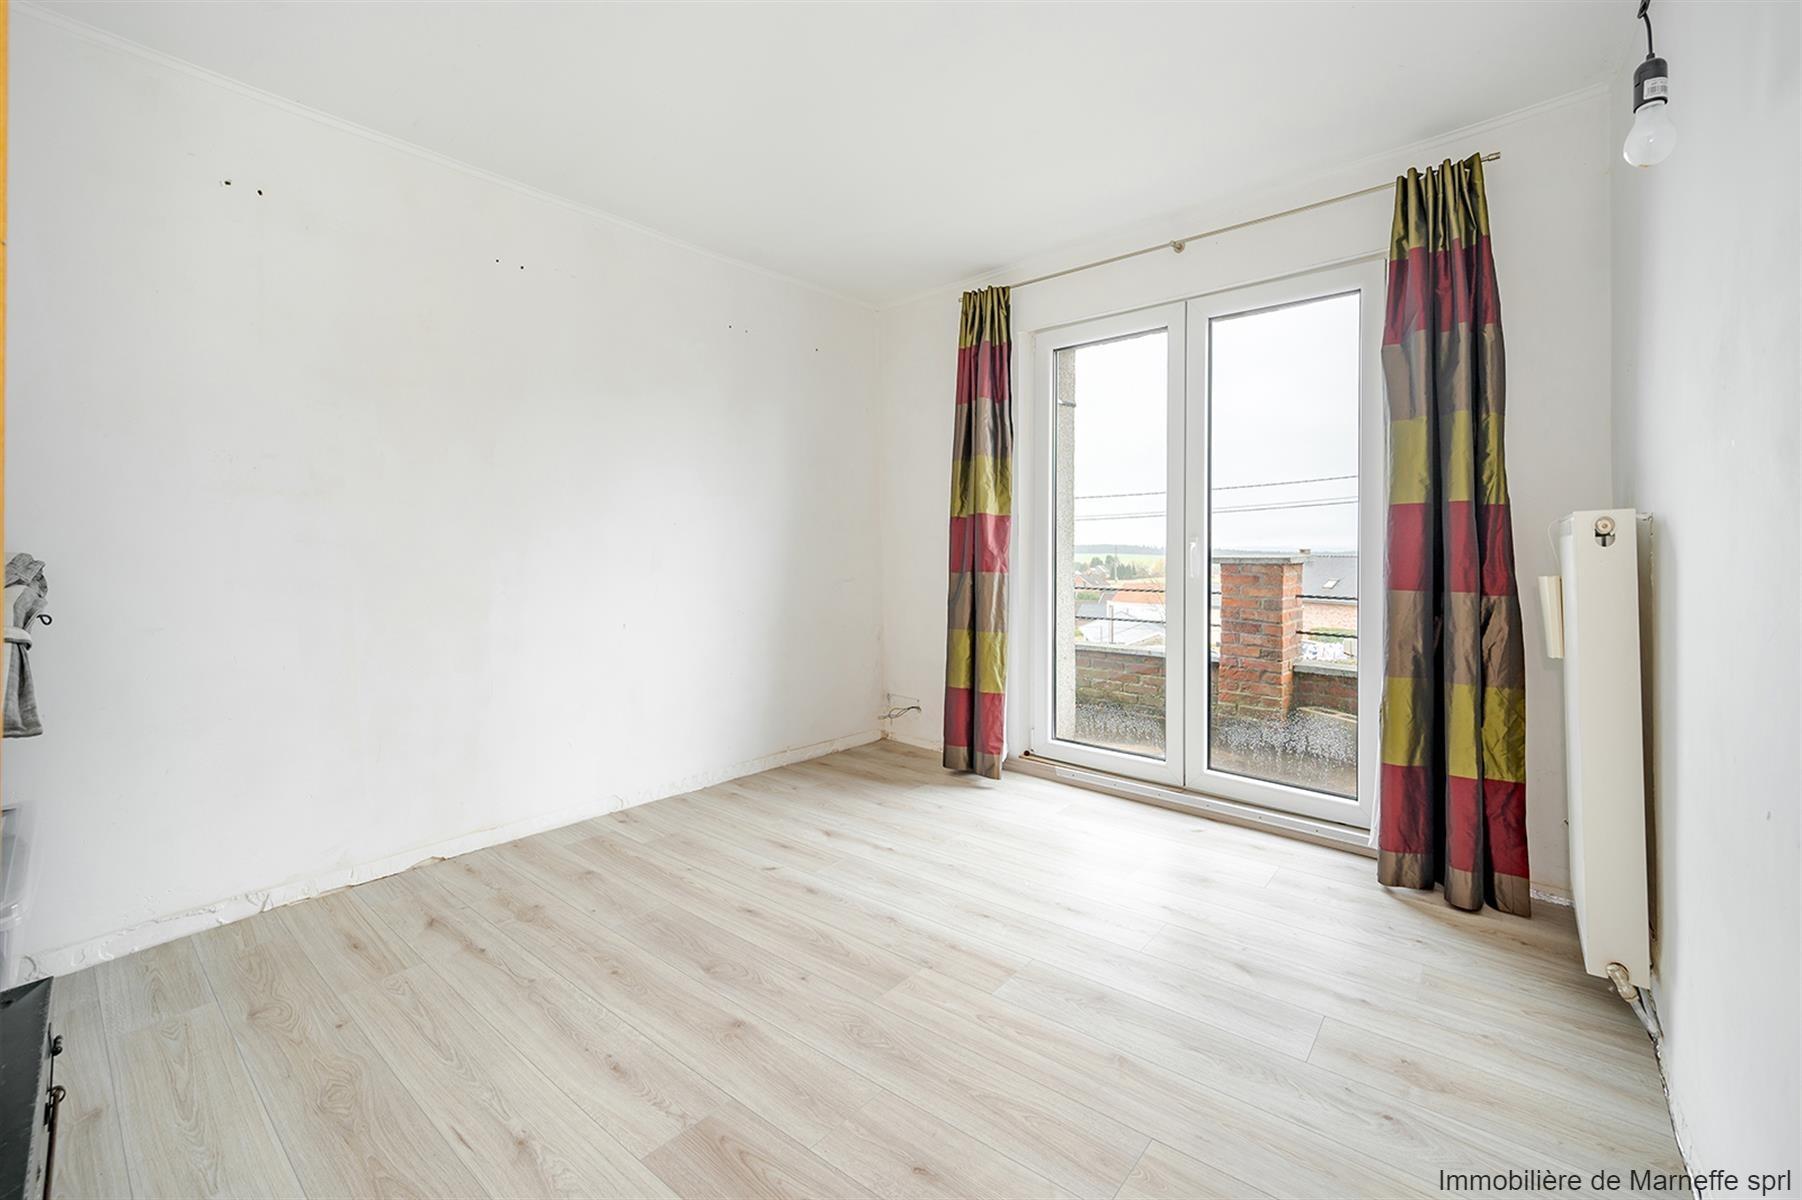 Maison - Villers-le-Bouillet - #4340473-8